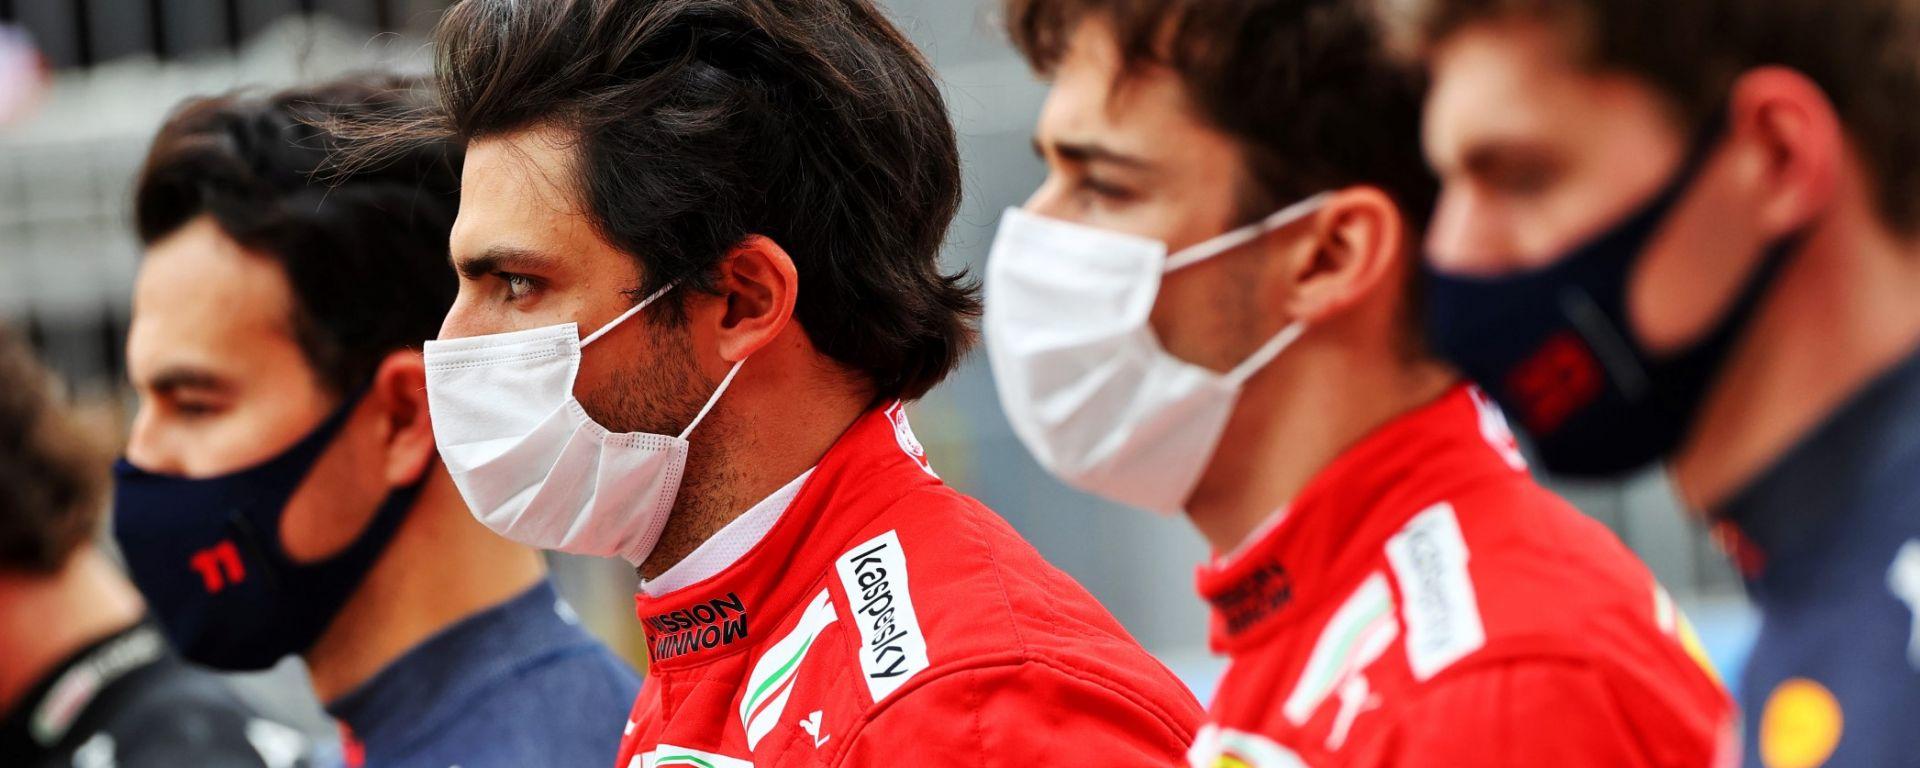 F1 2021: Max Vestappen, Charles Leclerc, Carlos Sainz e Sergio Perez